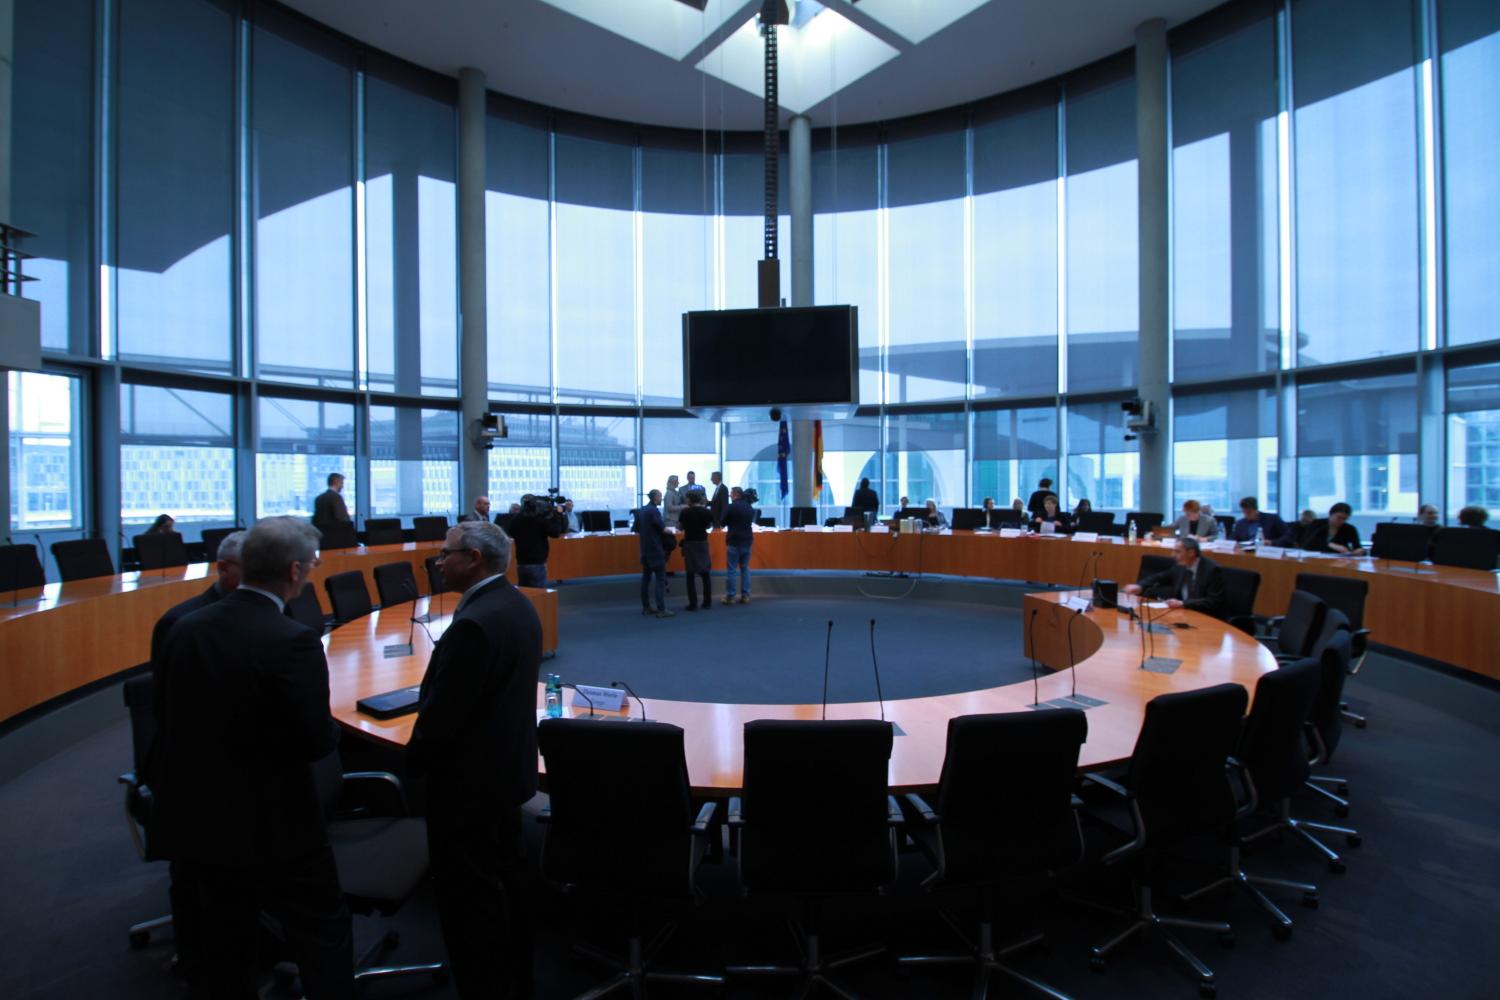 Der 2. NSU-Untersuchungsausschuss des Deutschen Bundestag tagt. (Archivbild) Copyright: Kilian Behrens/ NSU-Watch